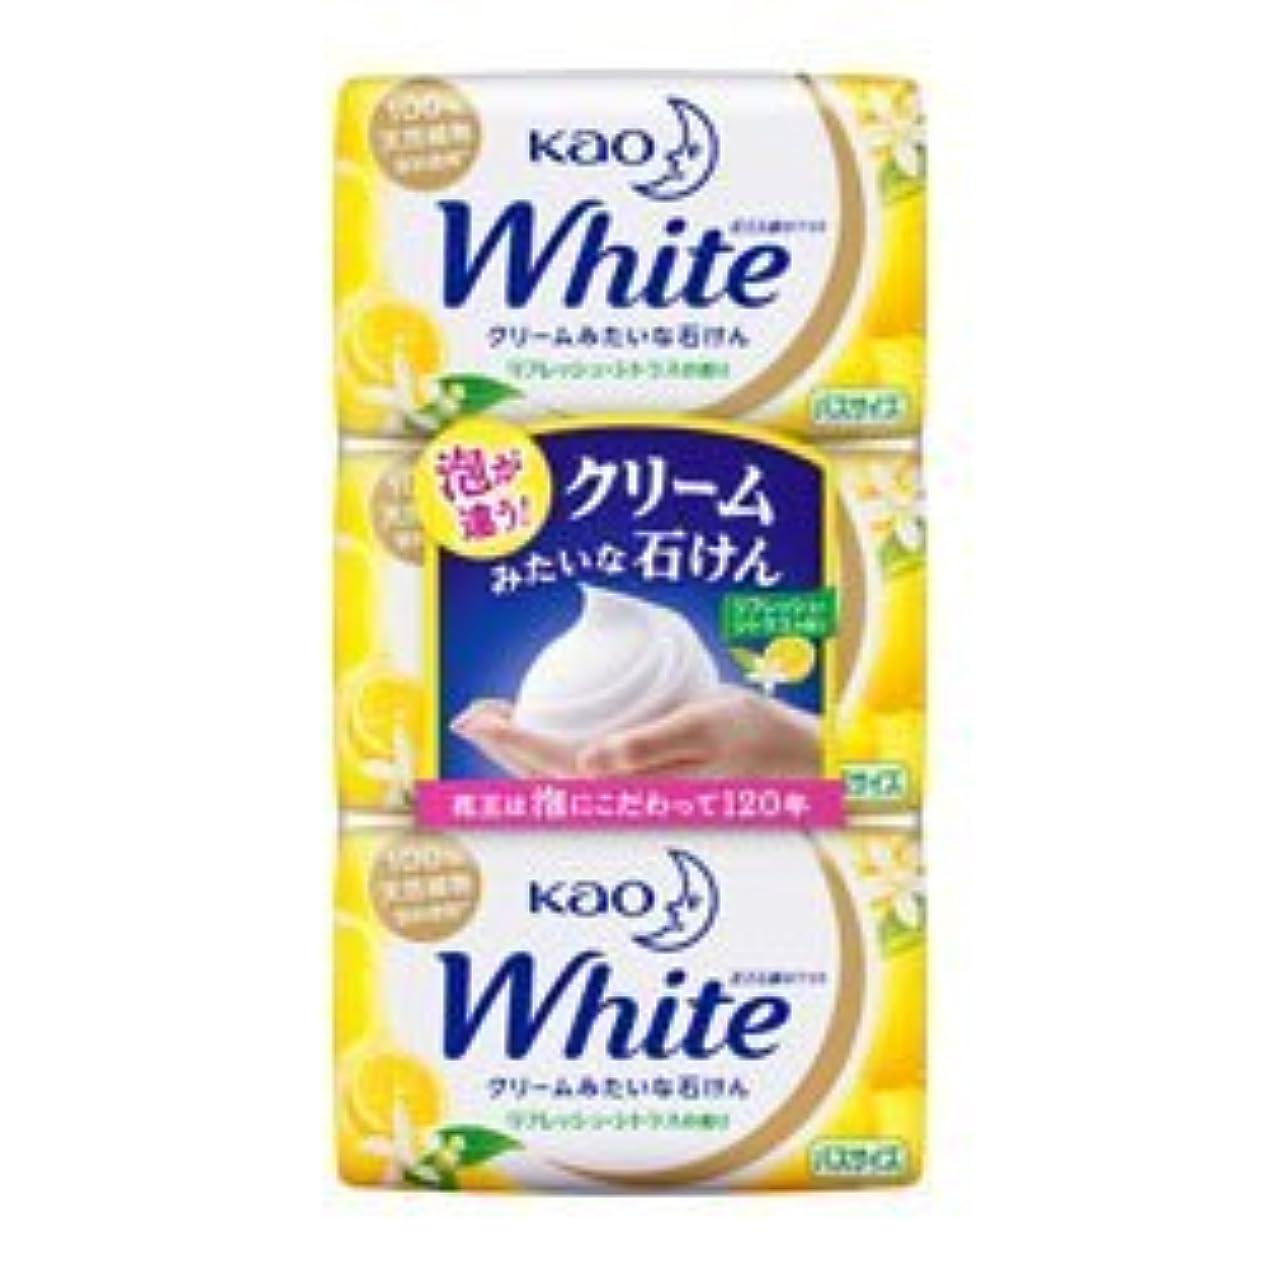 呪われた発見するメロディー【花王】ホワイト リフレッシュ?シトラスの香り バスサイズ 130g×3個入 ×3個セット